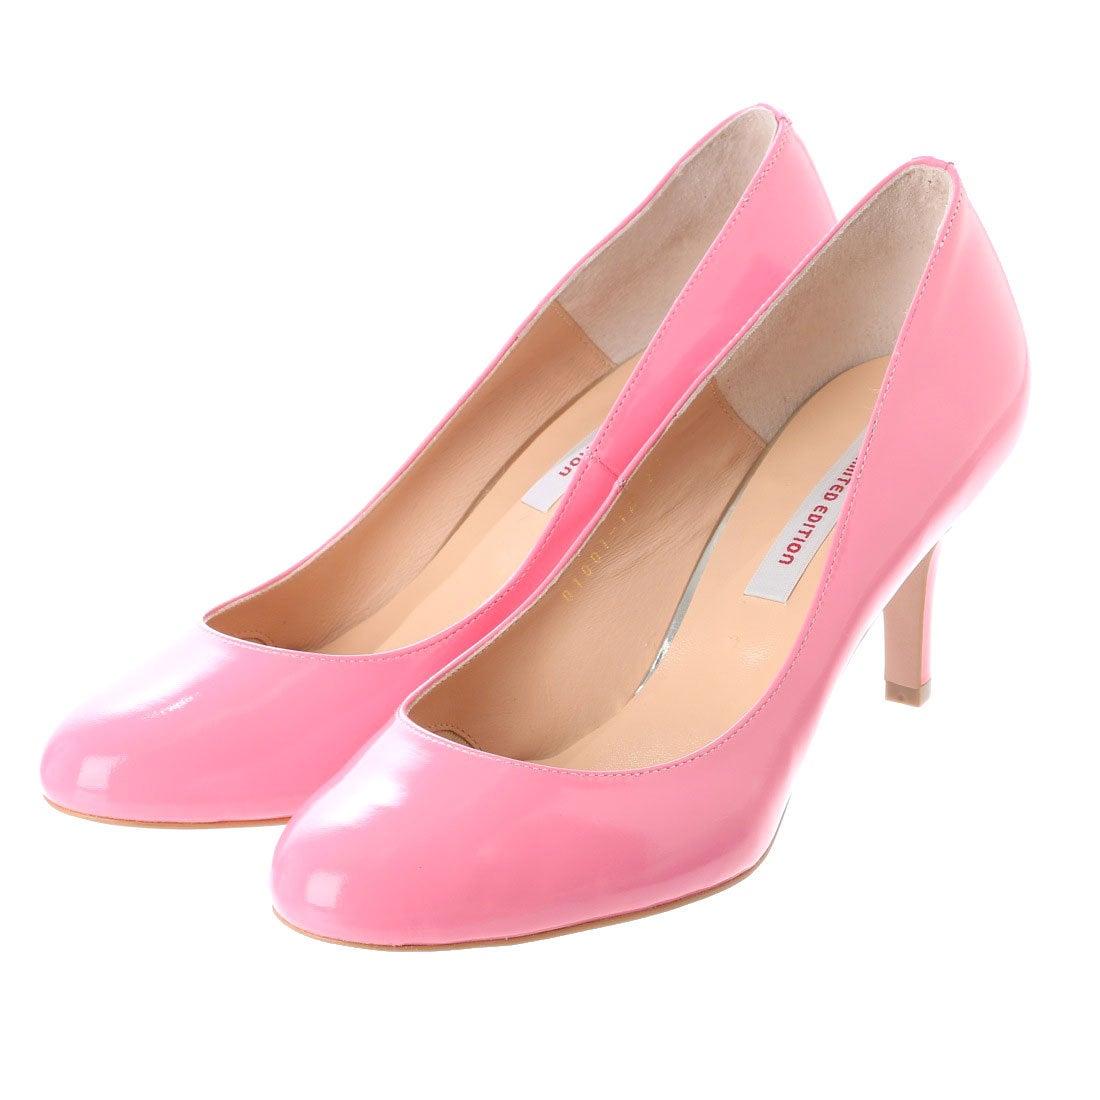 リミテッド エディション LIMITED EDITION パンプス (ピンク) ,靴とファッションの通販サイト ロコンド